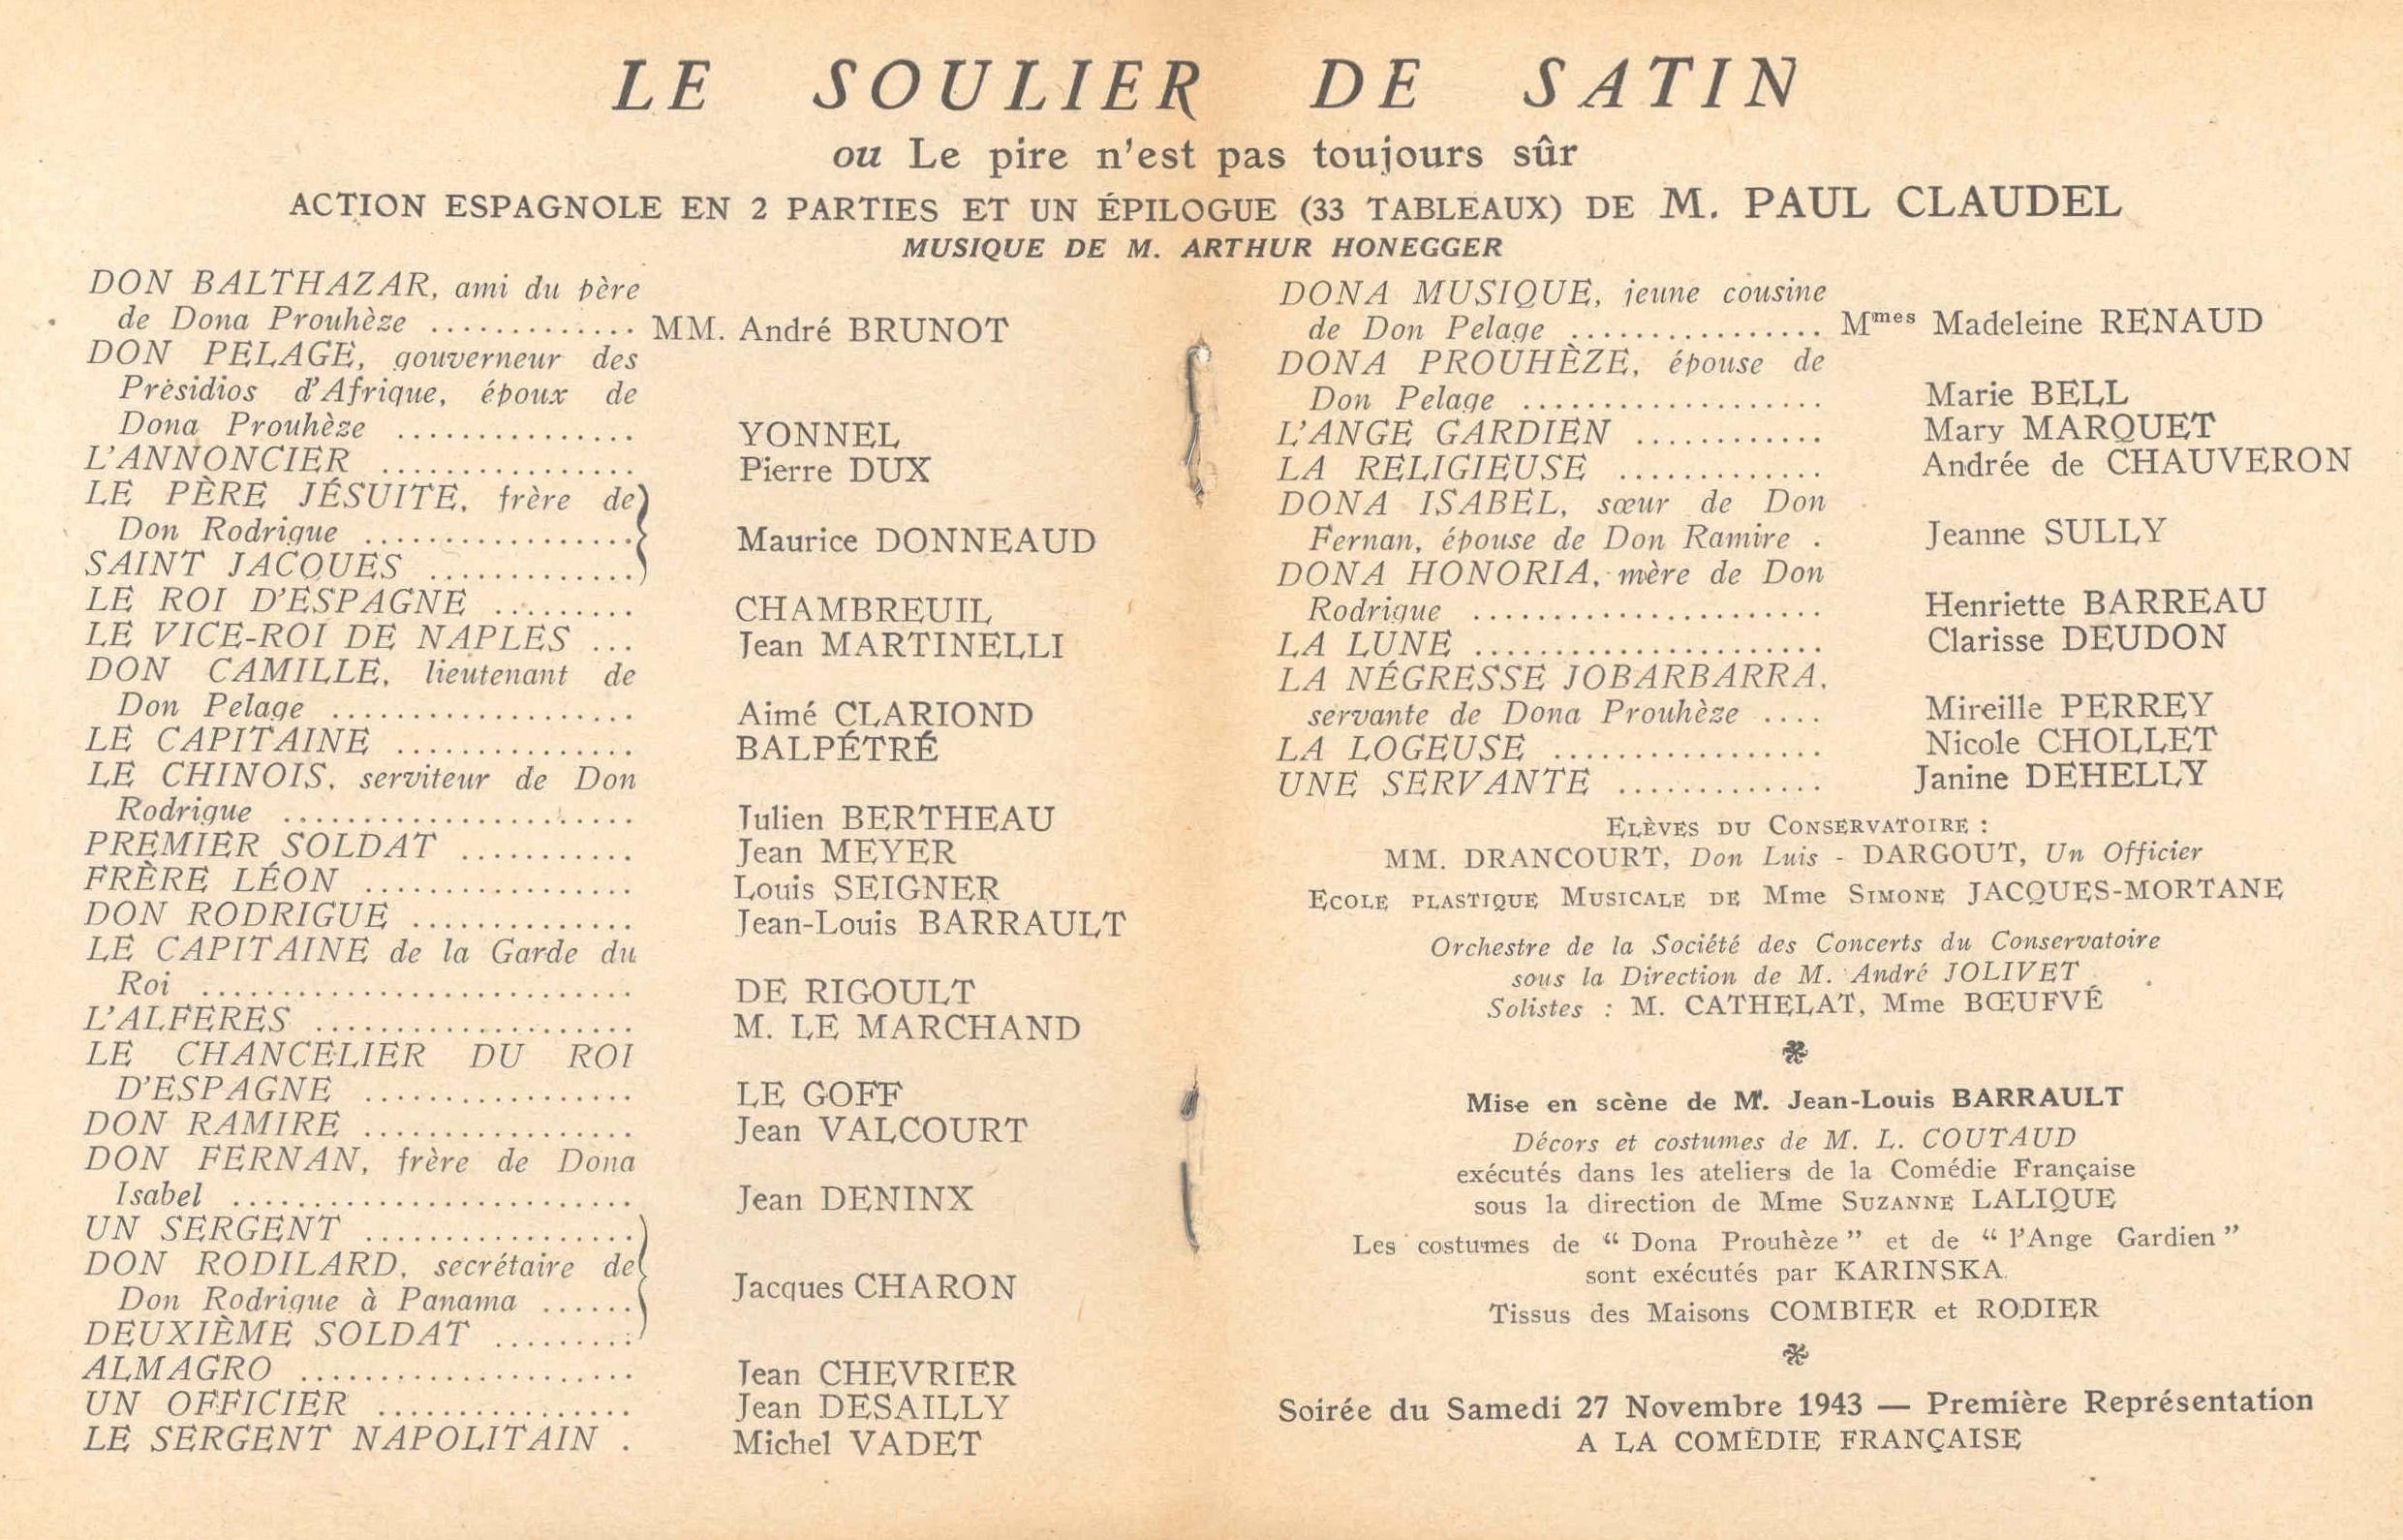 10-soulier-de-satin-programme-300-dpi